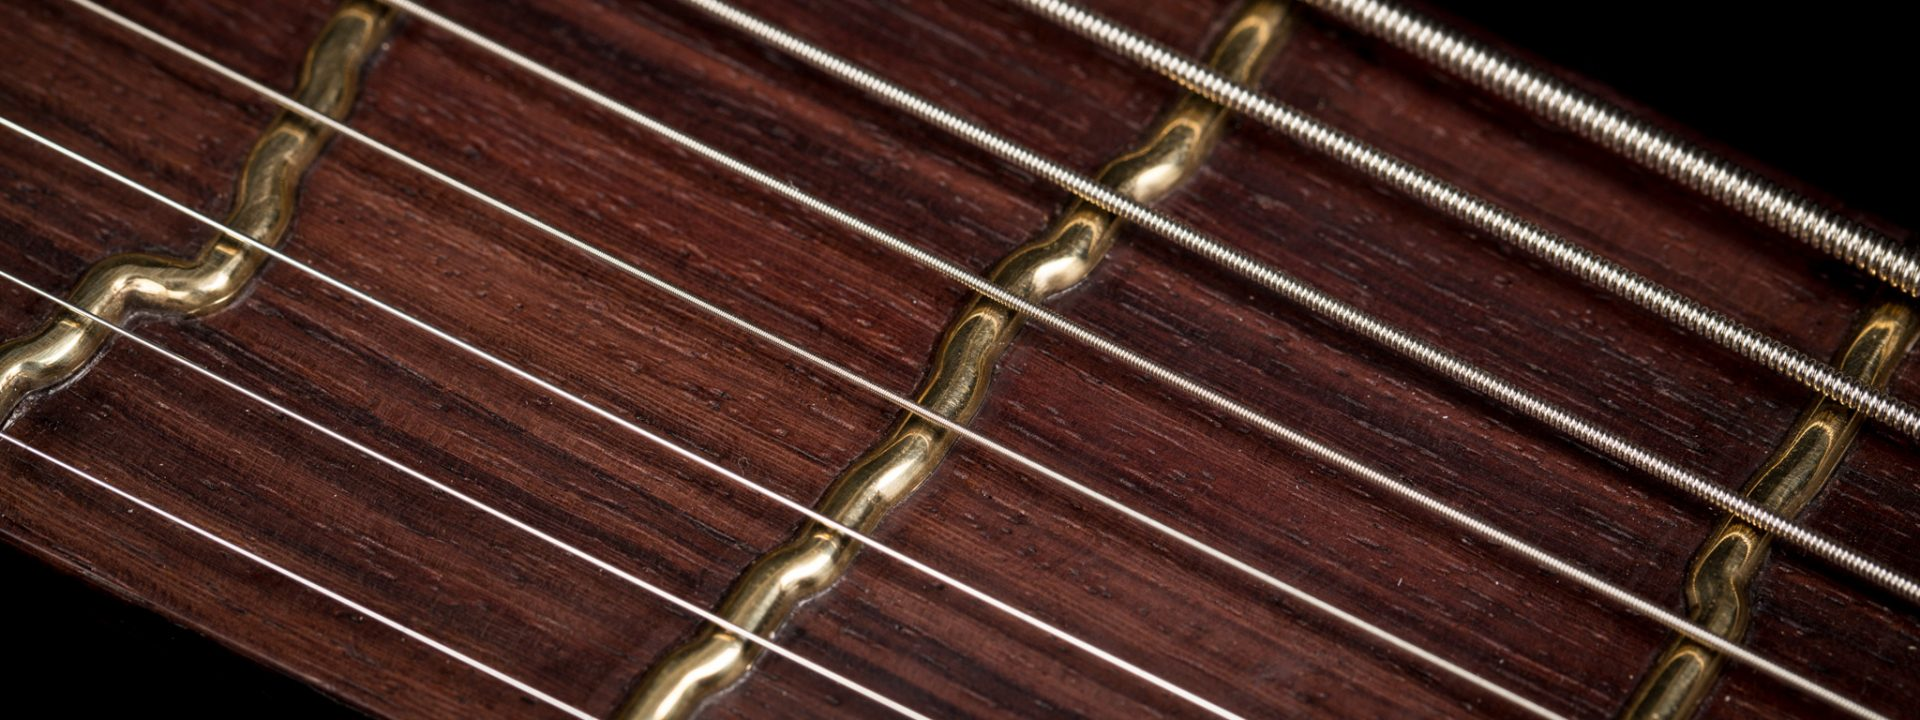 Headless guitar True-Temperament-Detail